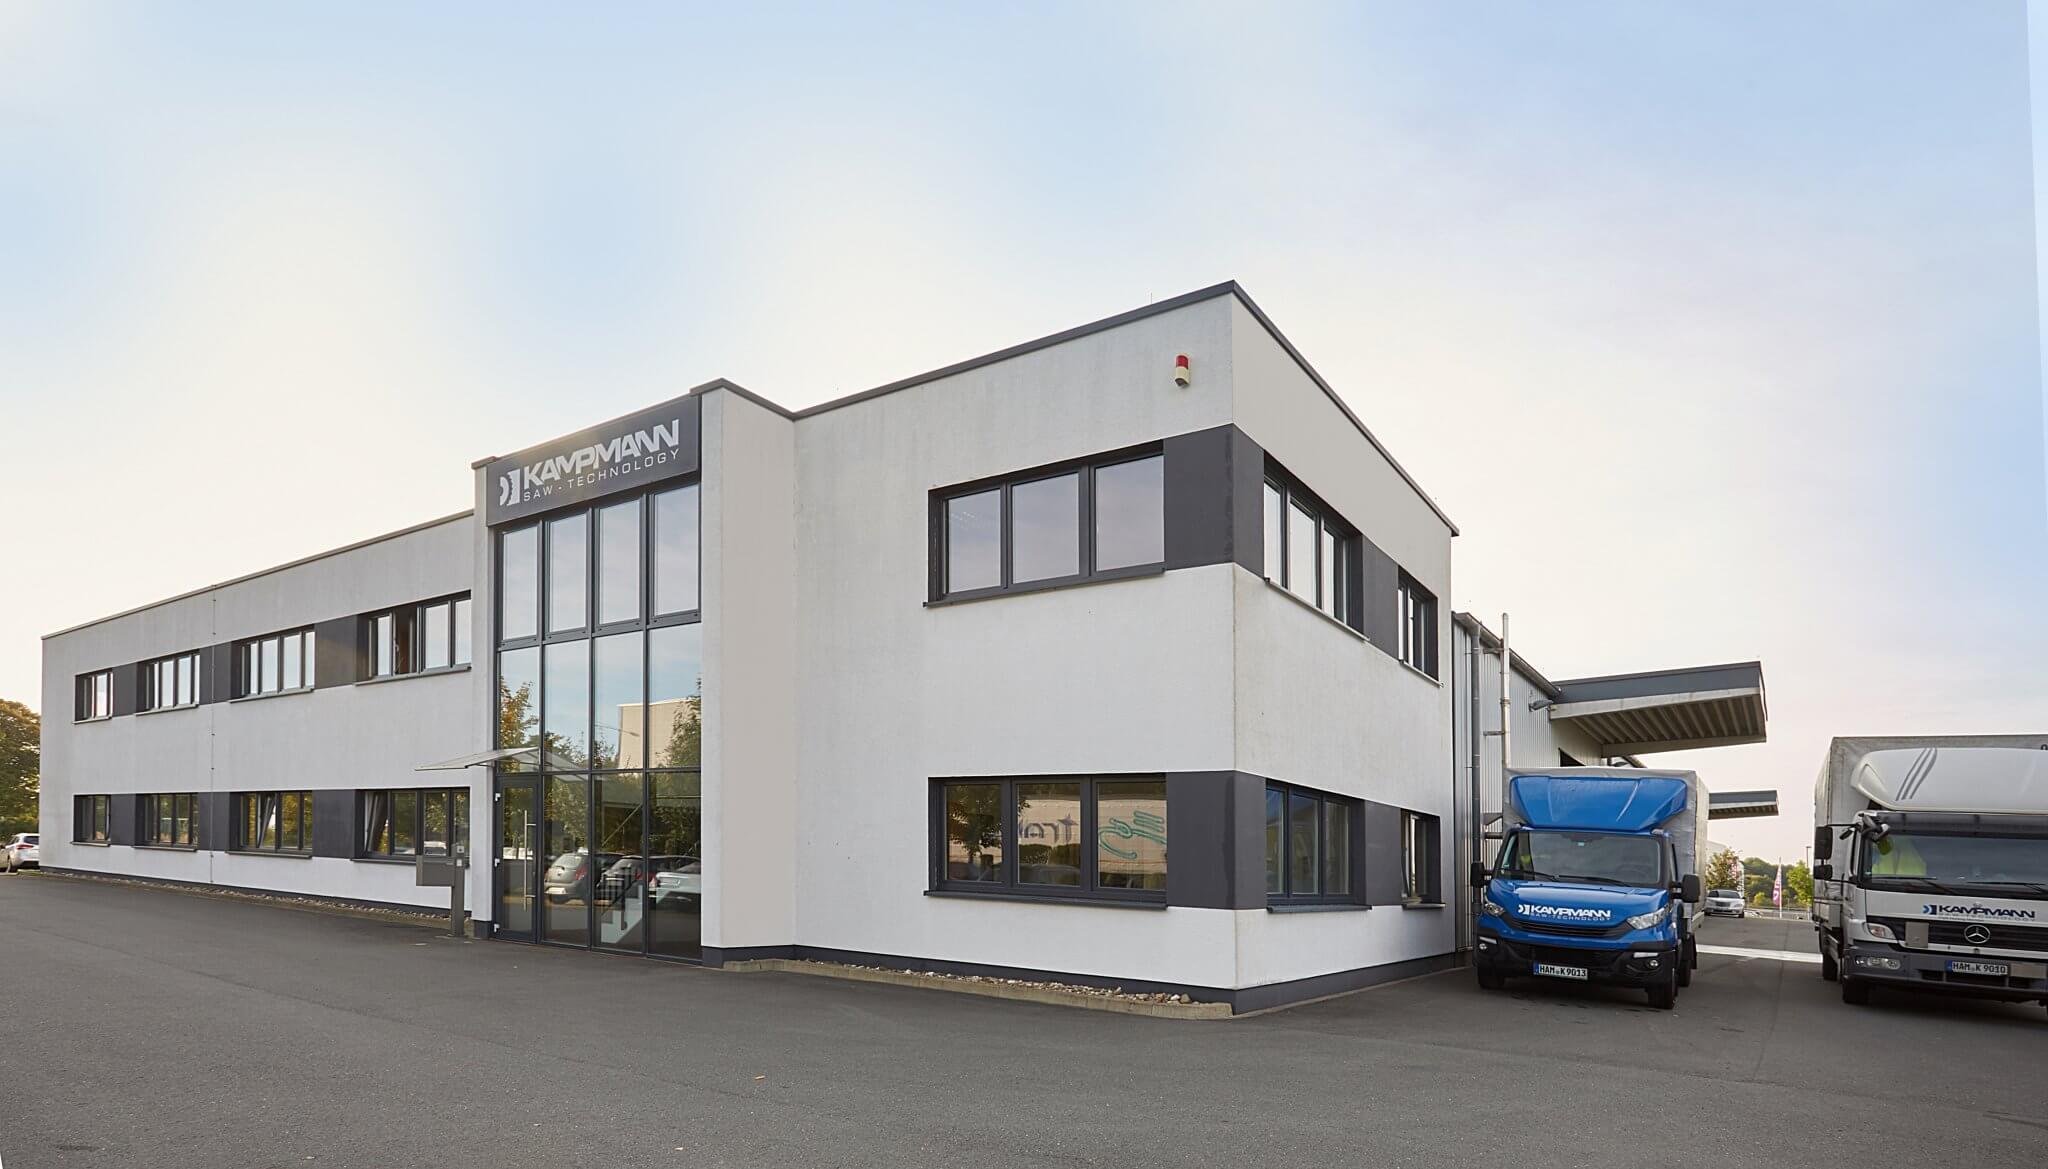 Firmengebäude Kampmann GmbH & Co. KG